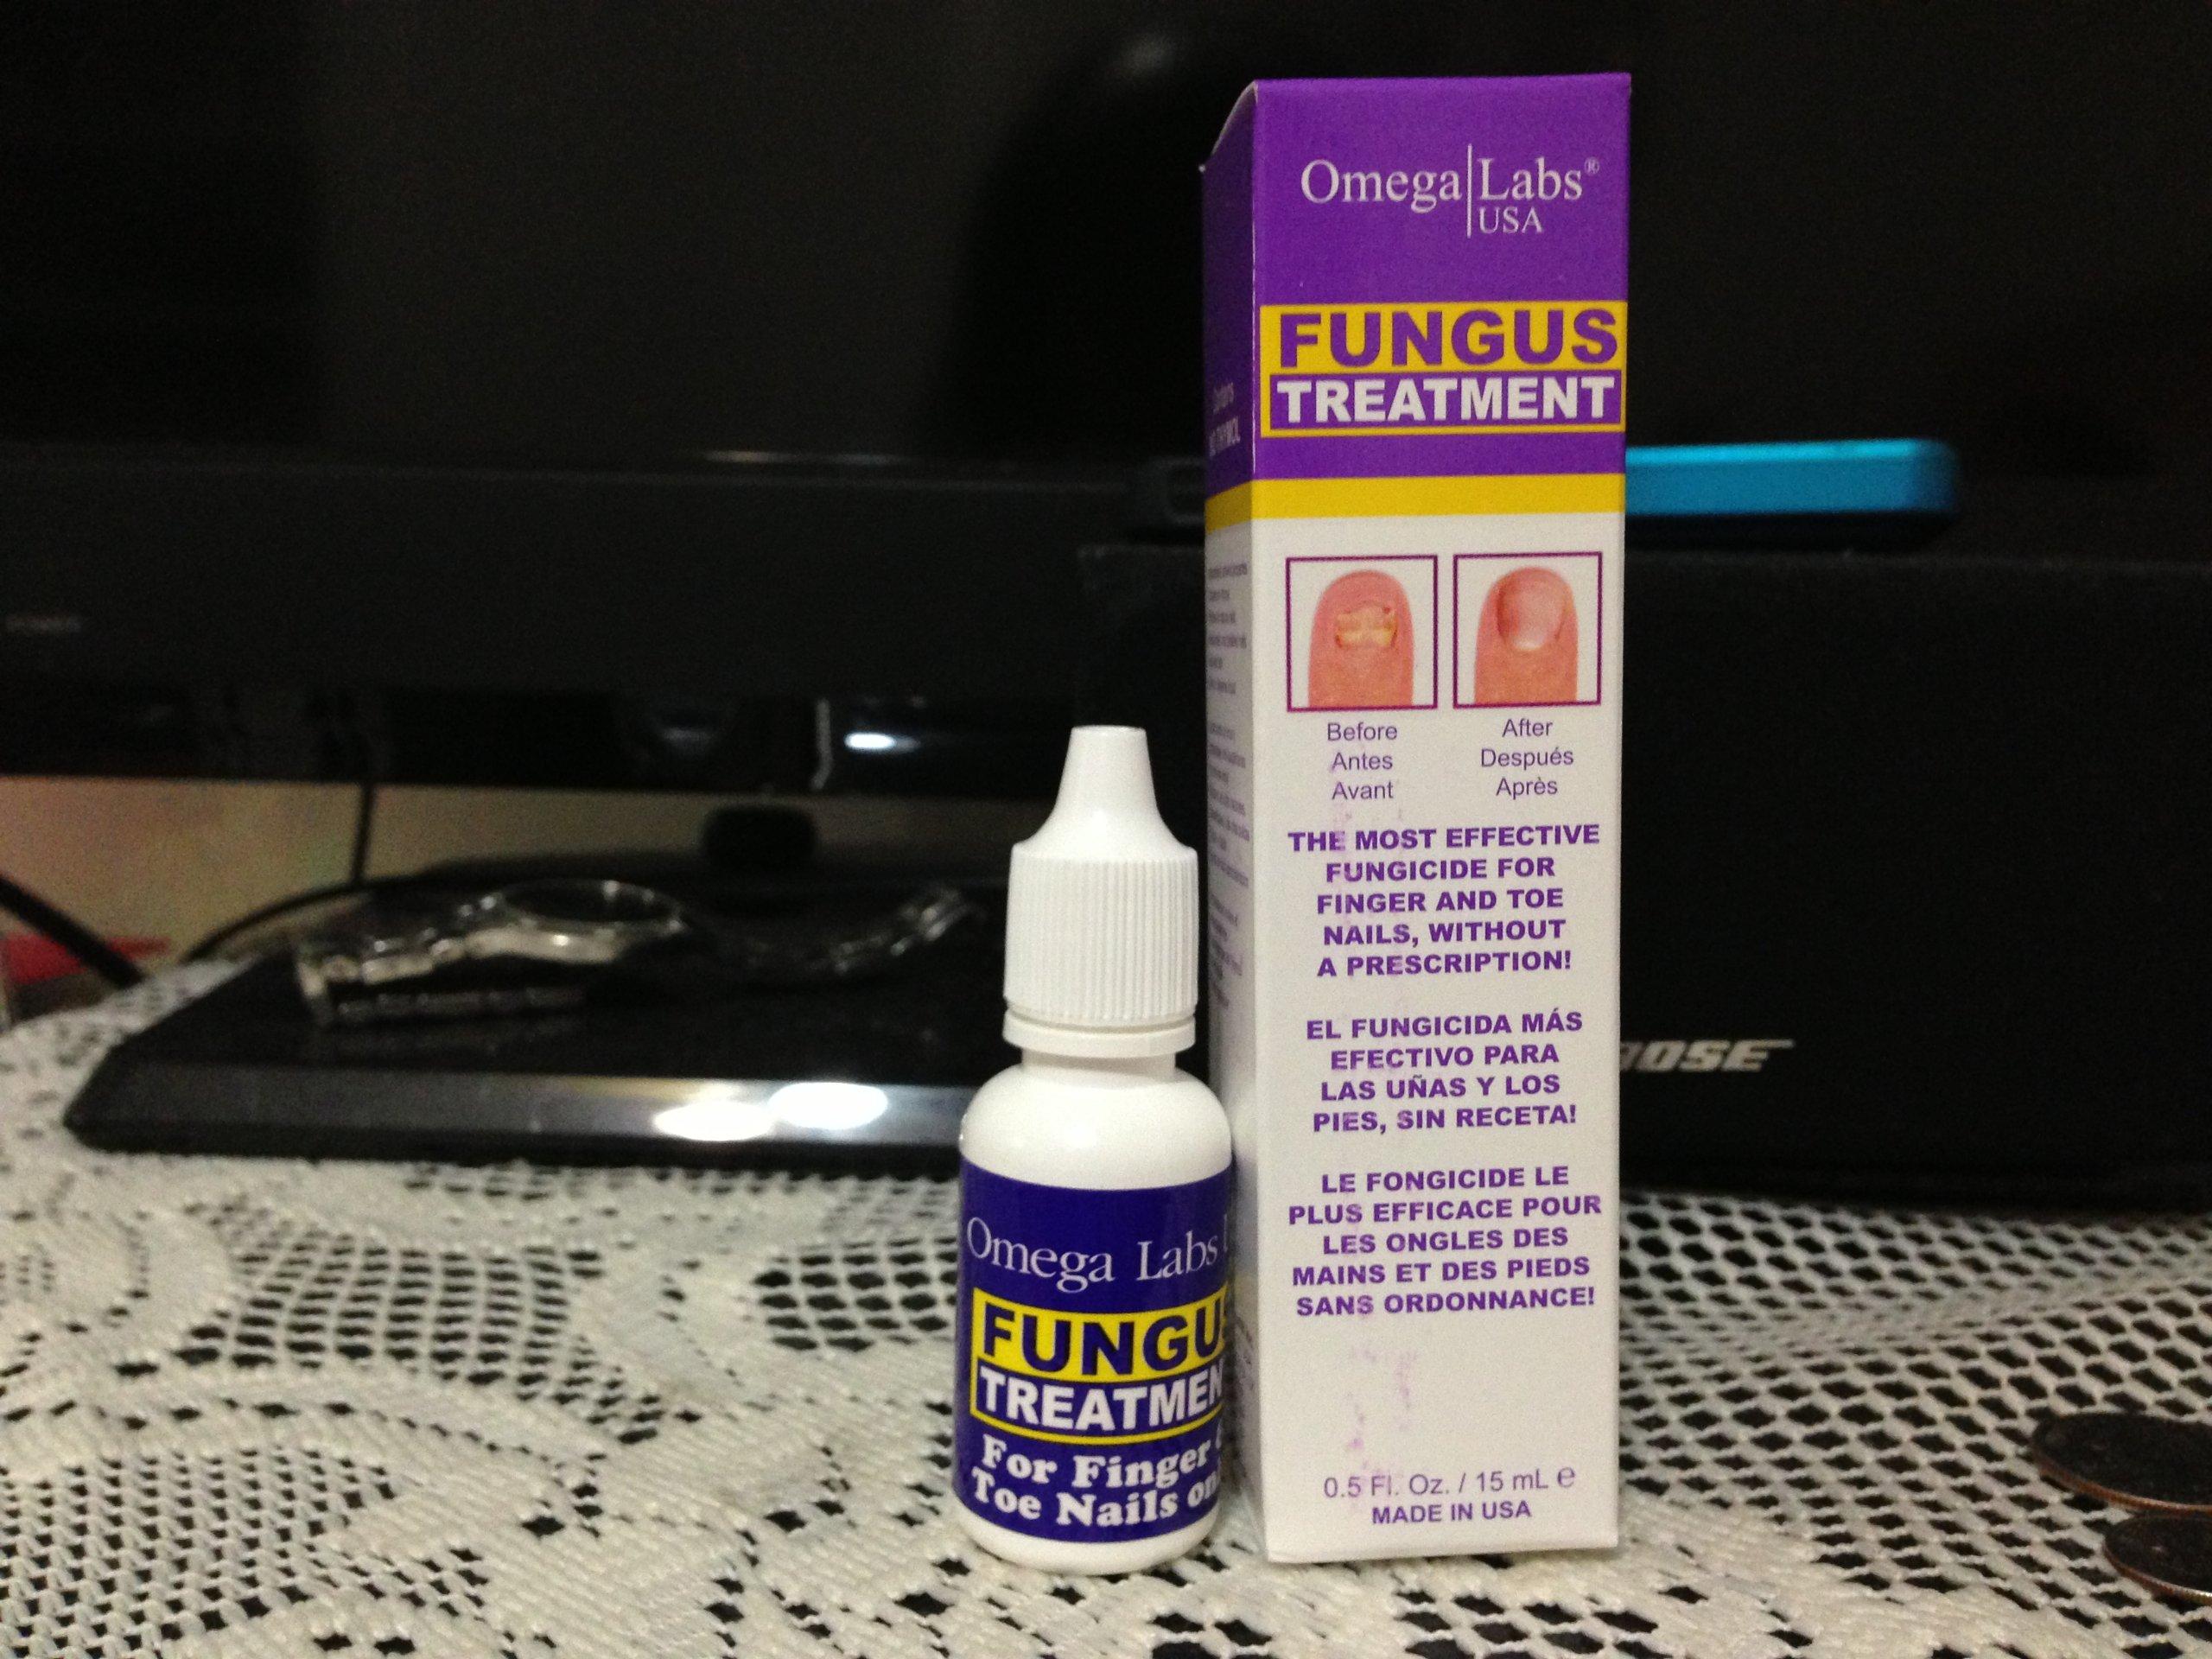 Amazon.com : Omega Labs Fungus Treatment for Finger & Toe Nails ...